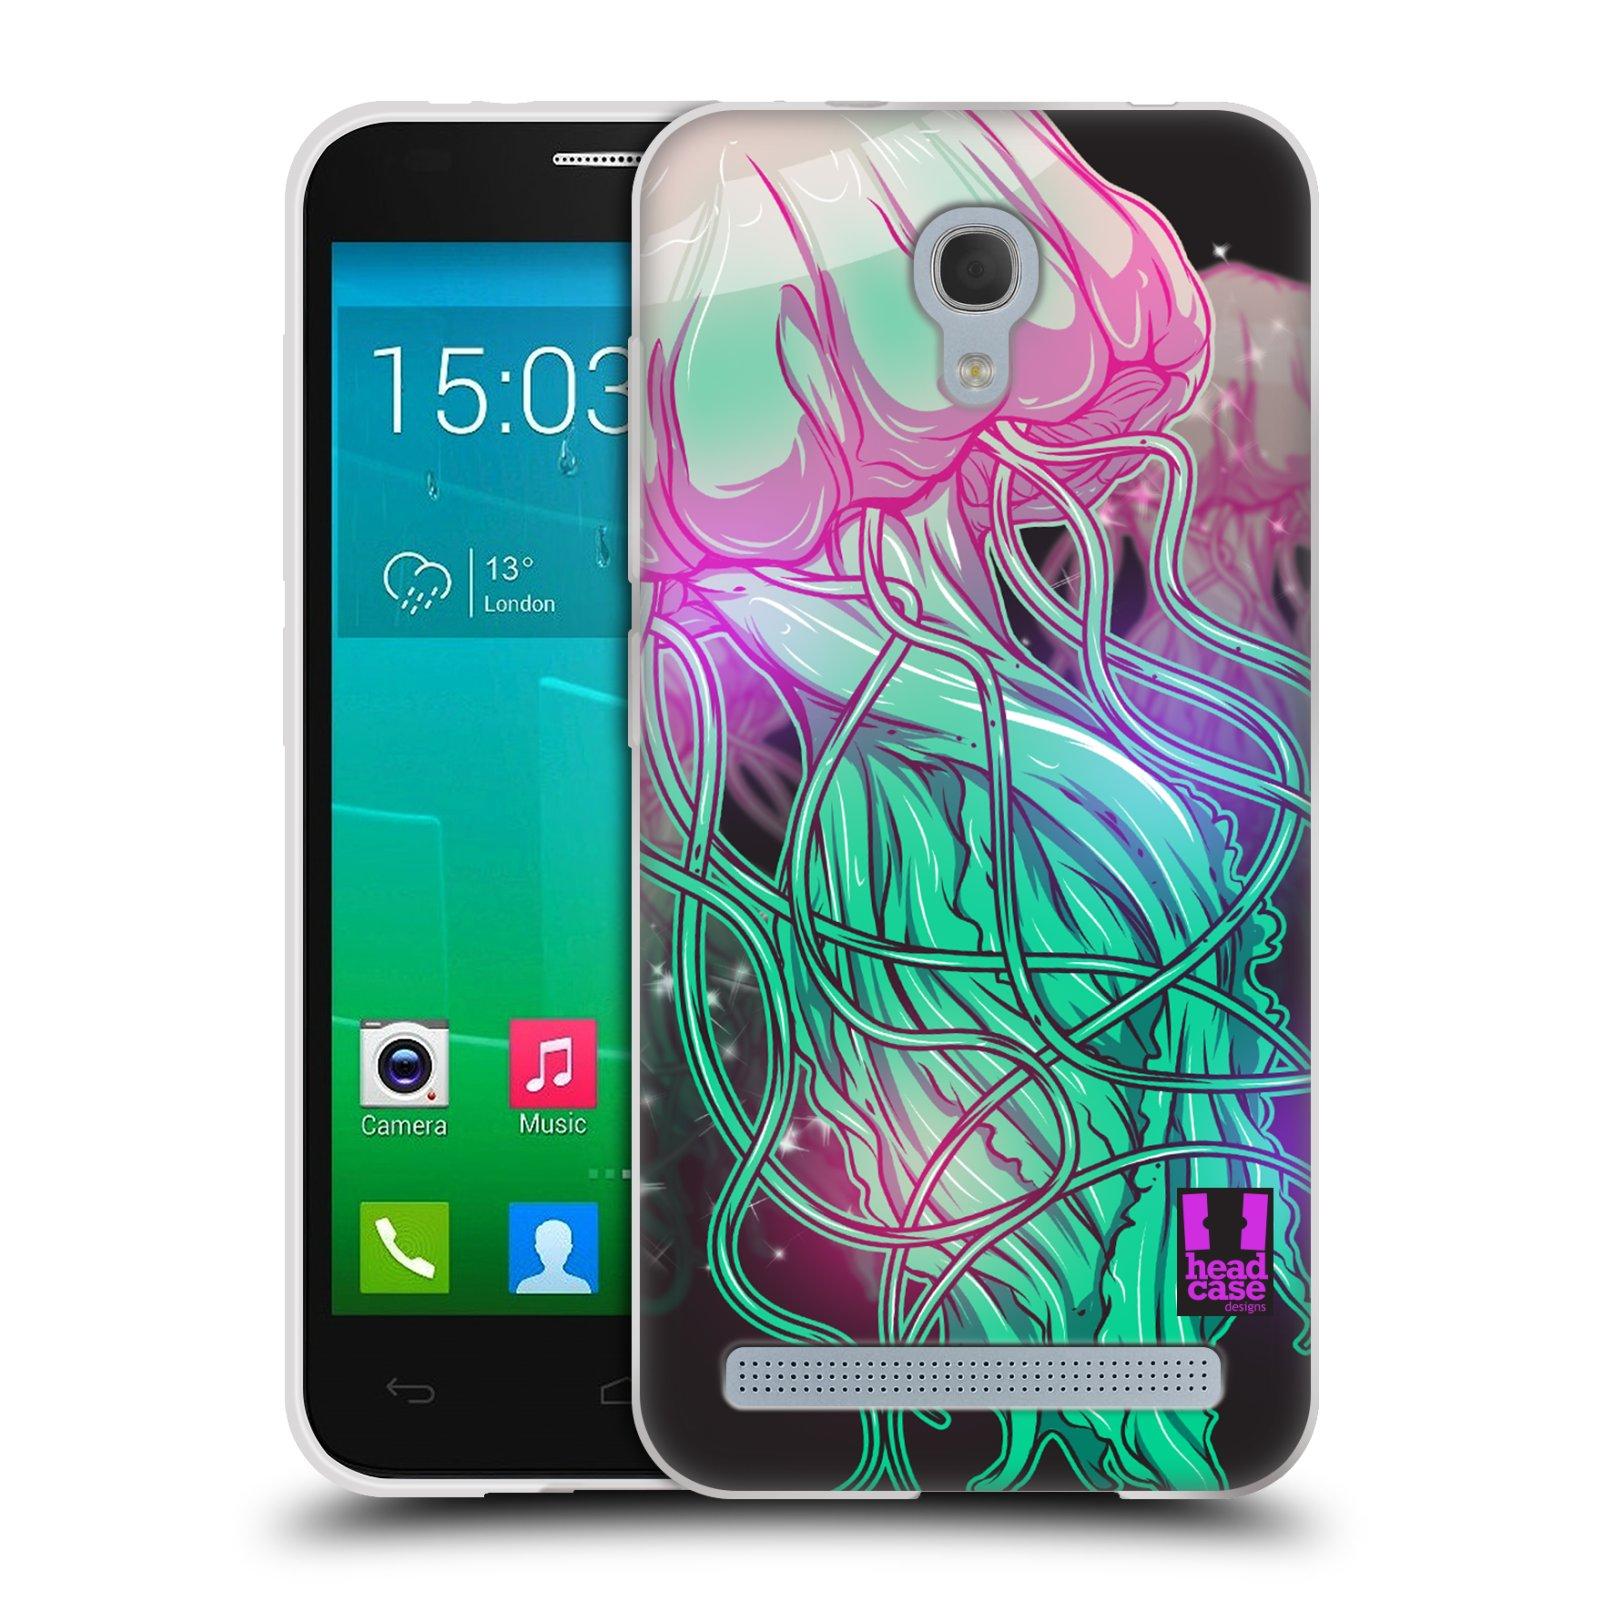 HEAD CASE silikonový obal na mobil Alcatel Idol 2 MINI S 6036Y vzor mořská monstra medůza